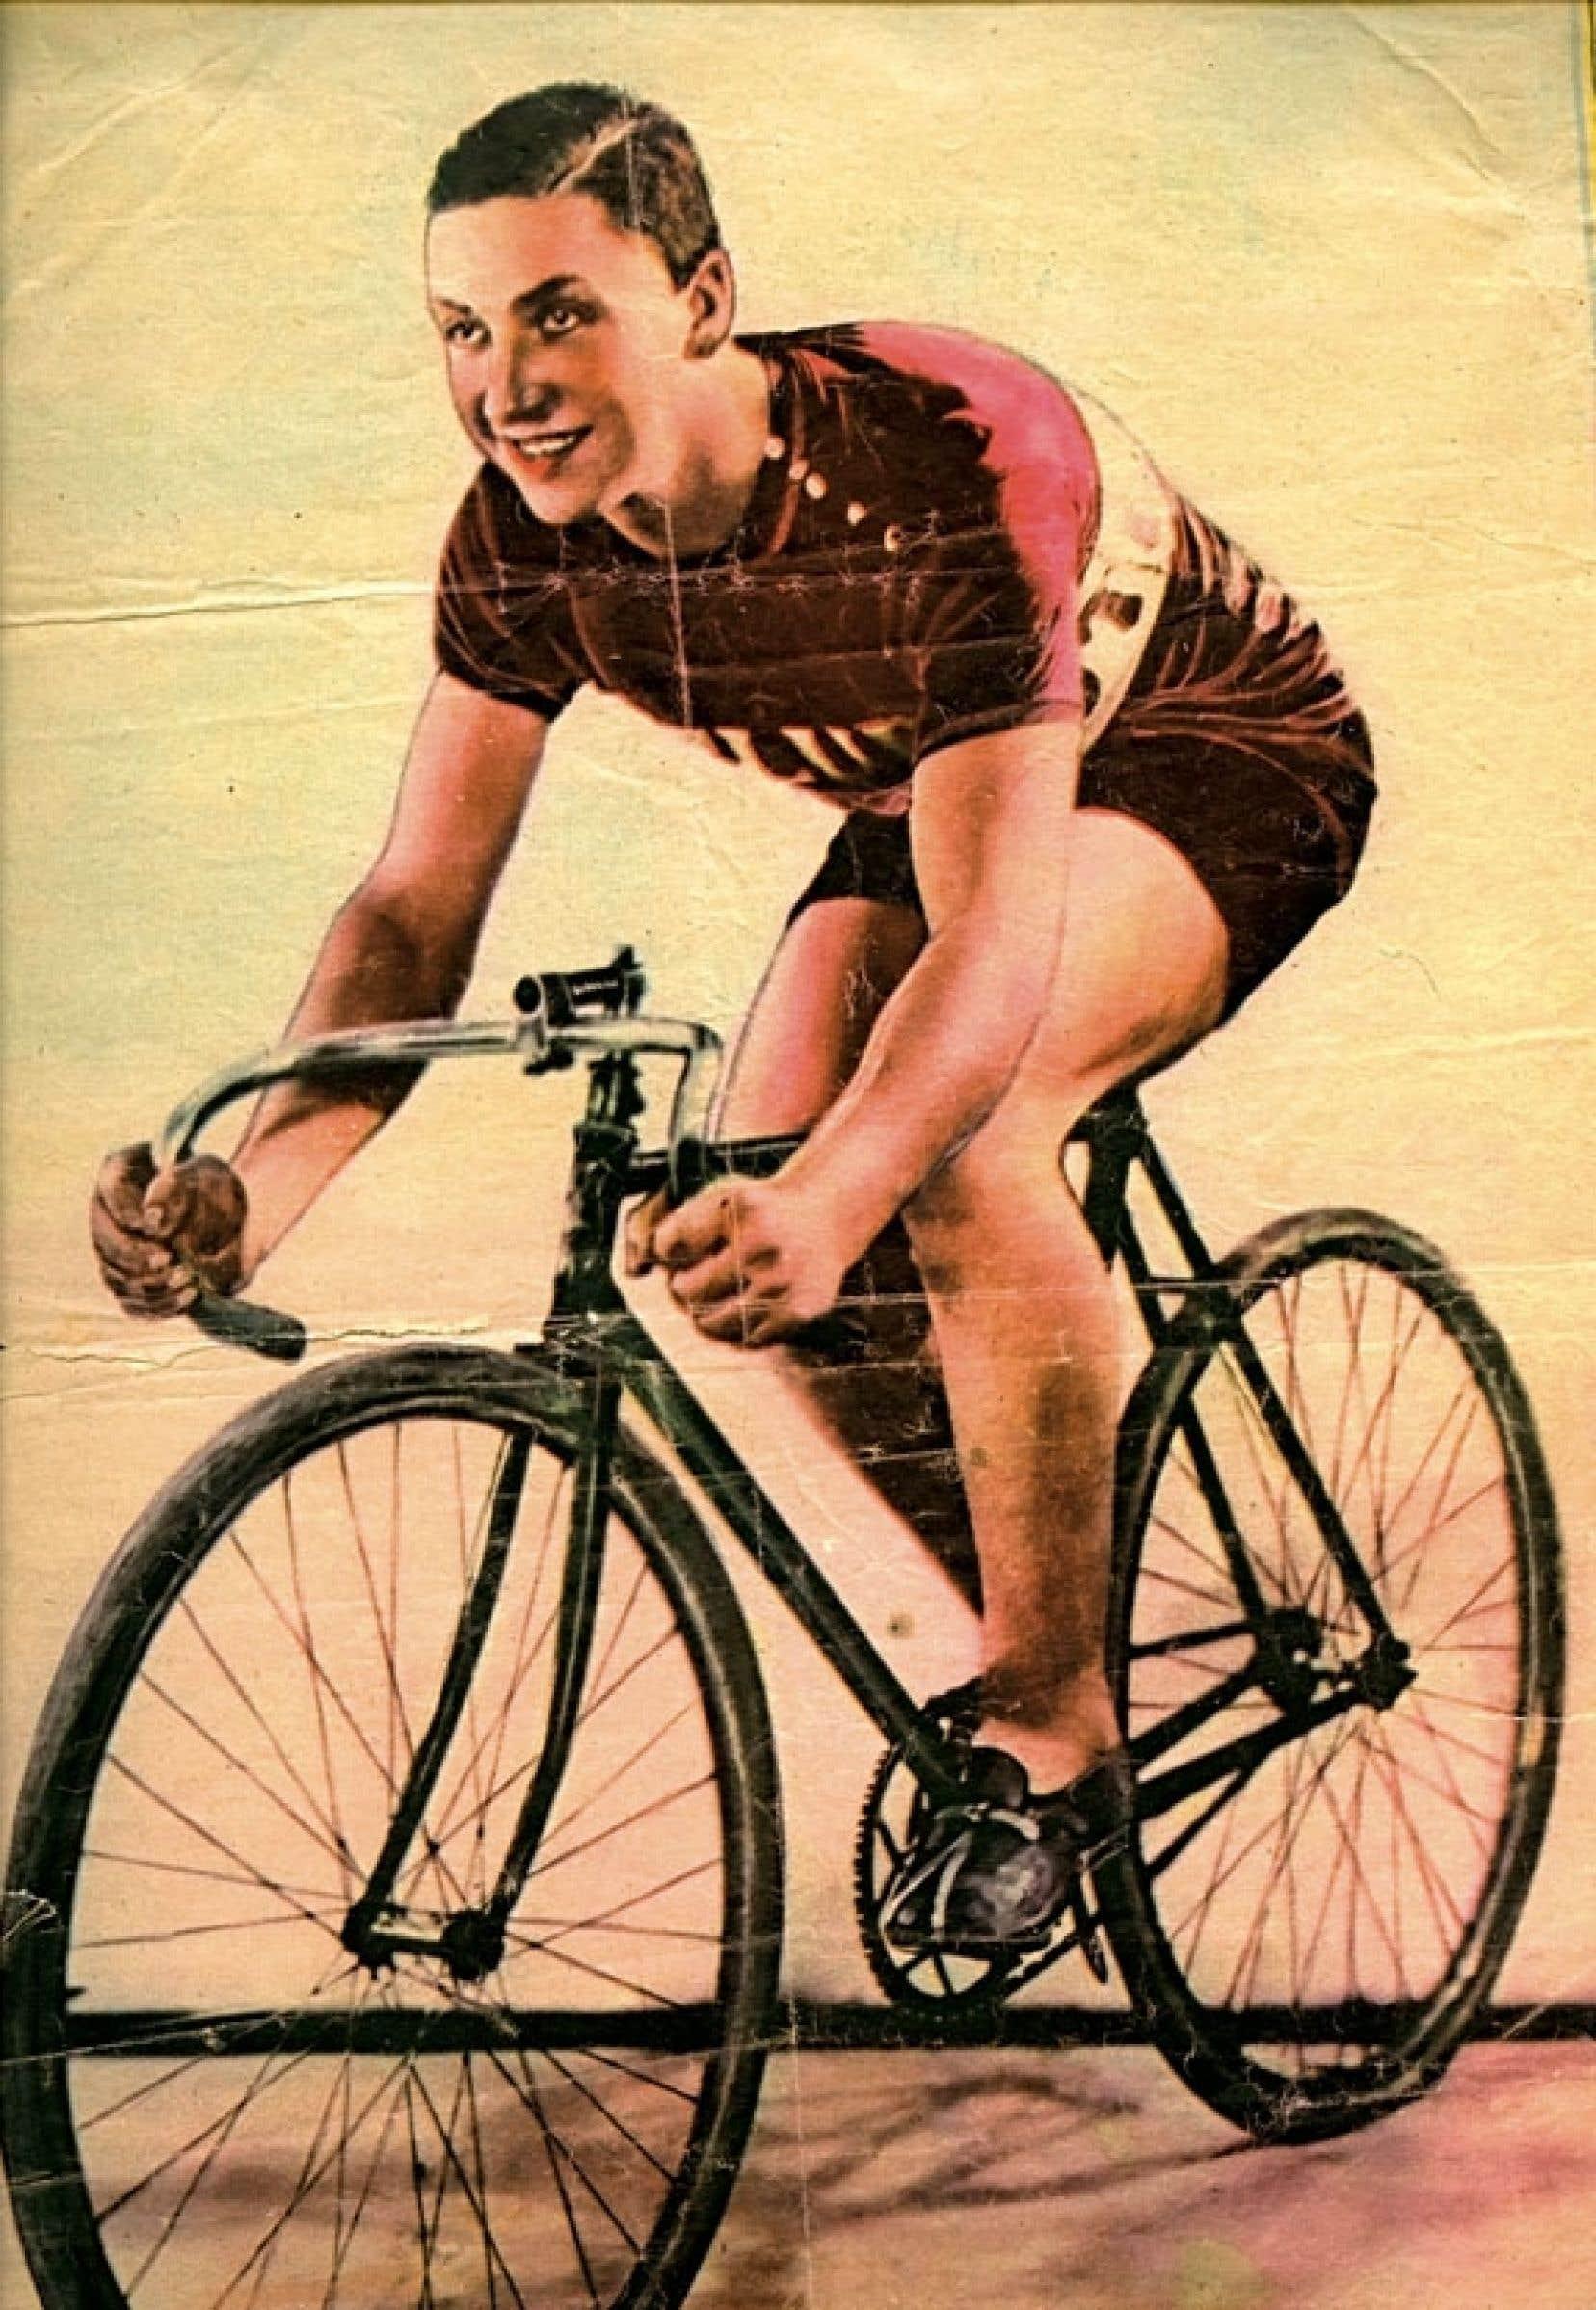 Zénon Saint-Laurent (1912-2005) du club Quilicot, considéré comme l'un des meilleurs cyclistes canadiens des années 1930 avec Jules Audy, Pierre Gachon et Joseph Laporte.